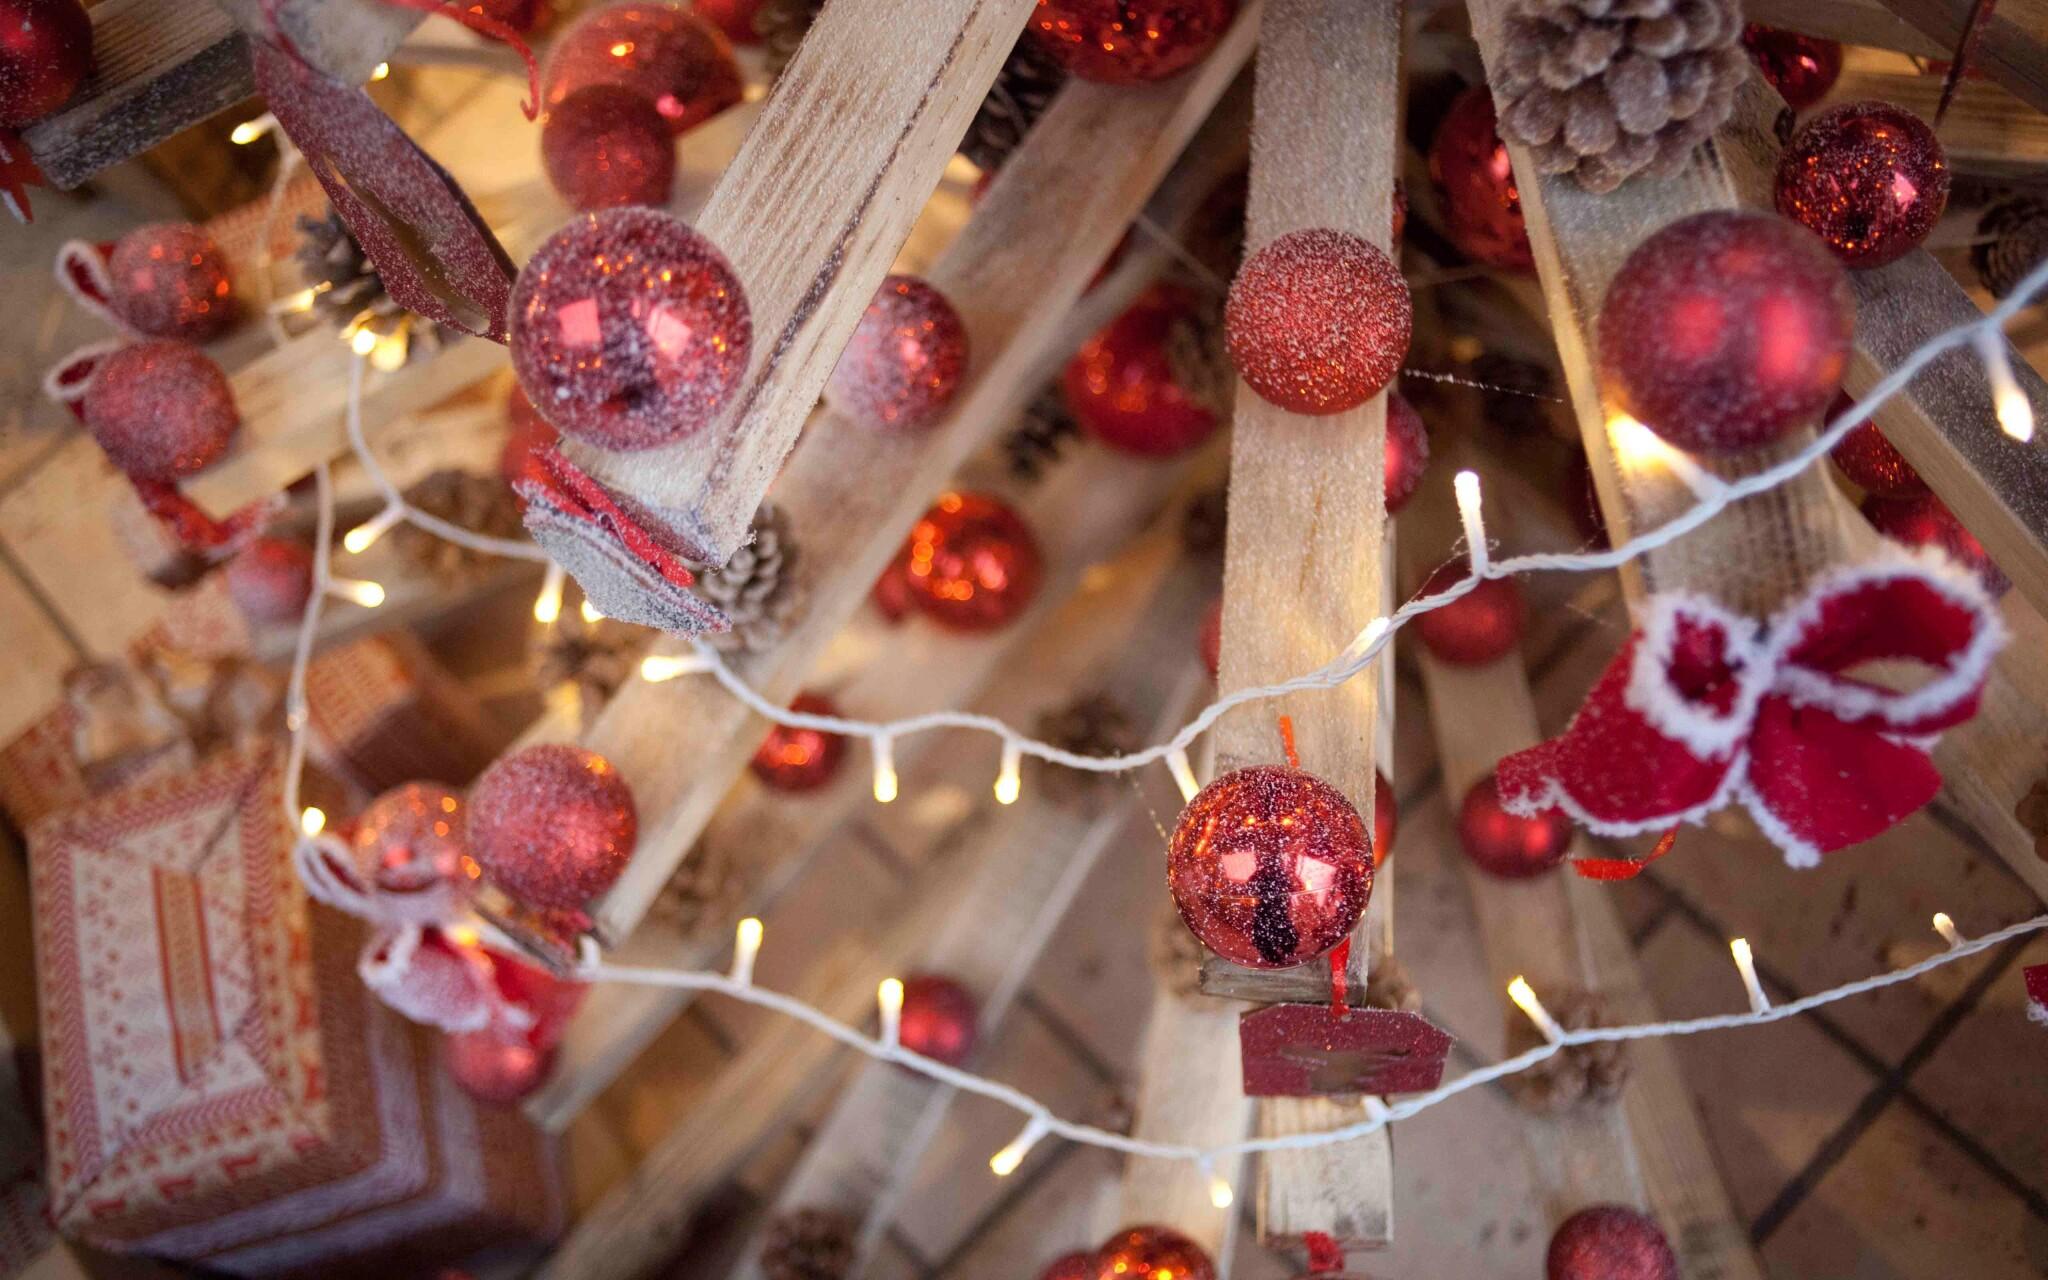 Užijte si parádní vánoční pobyt v Budapešti